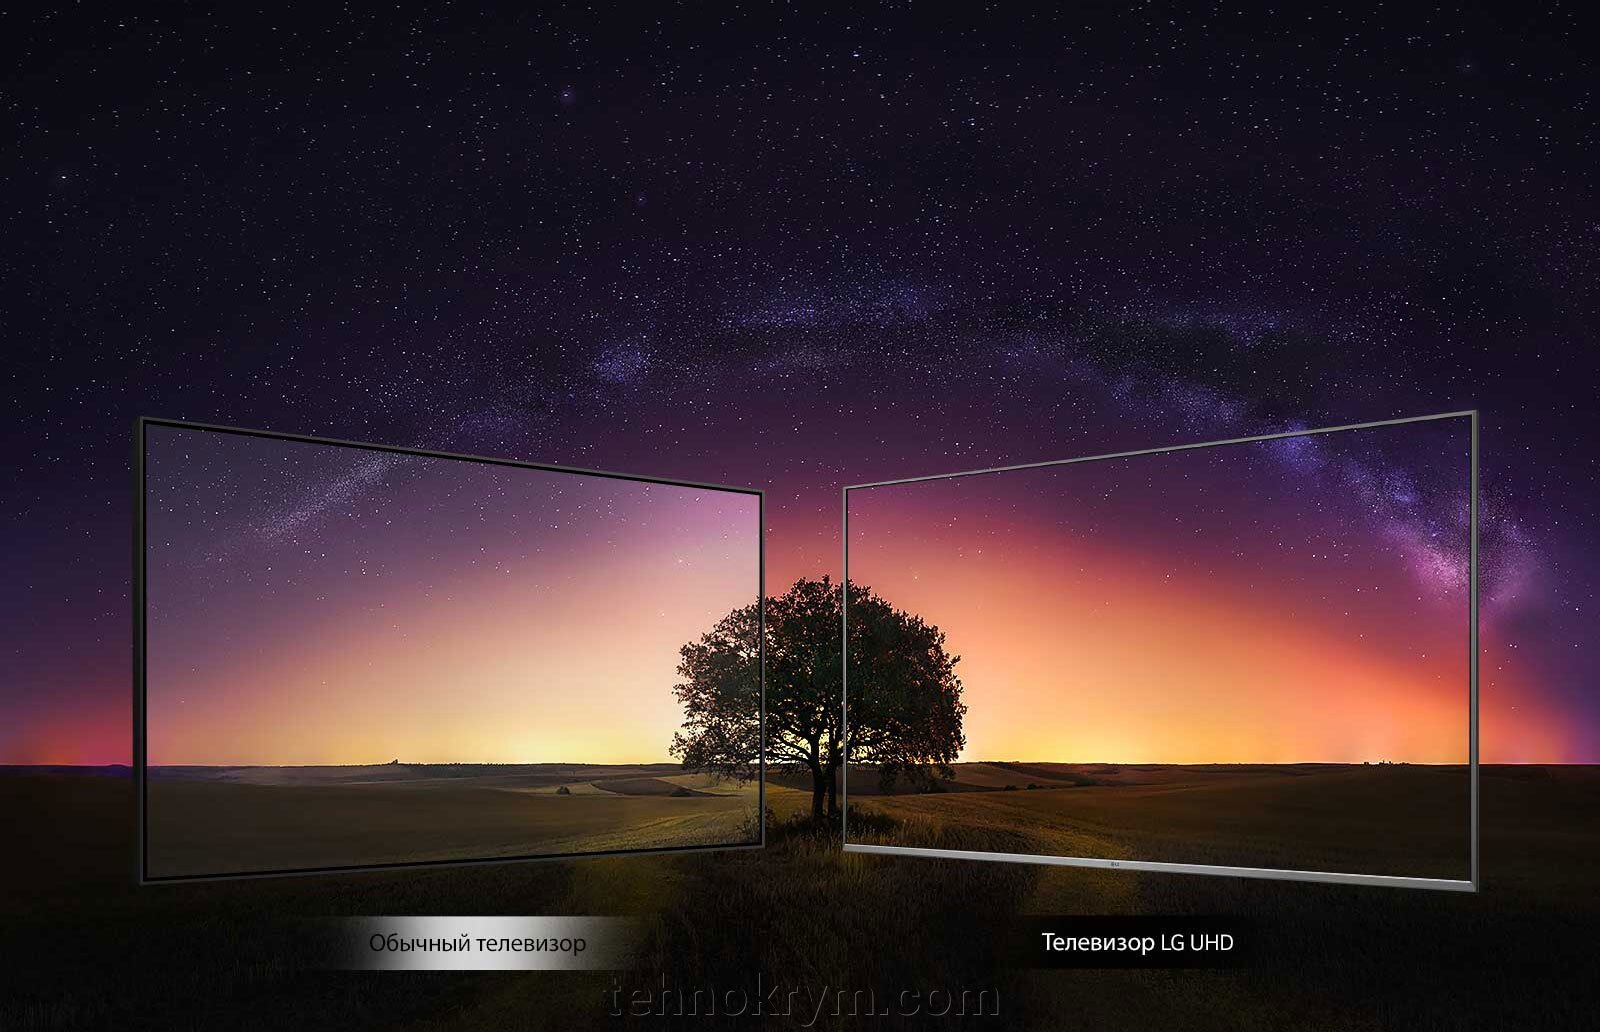 Smart Телевизор LG 65UM7450PLA, Ultra HD 4K, WebOS 4.5, новинка 2019 года - фото LG 65UM7450